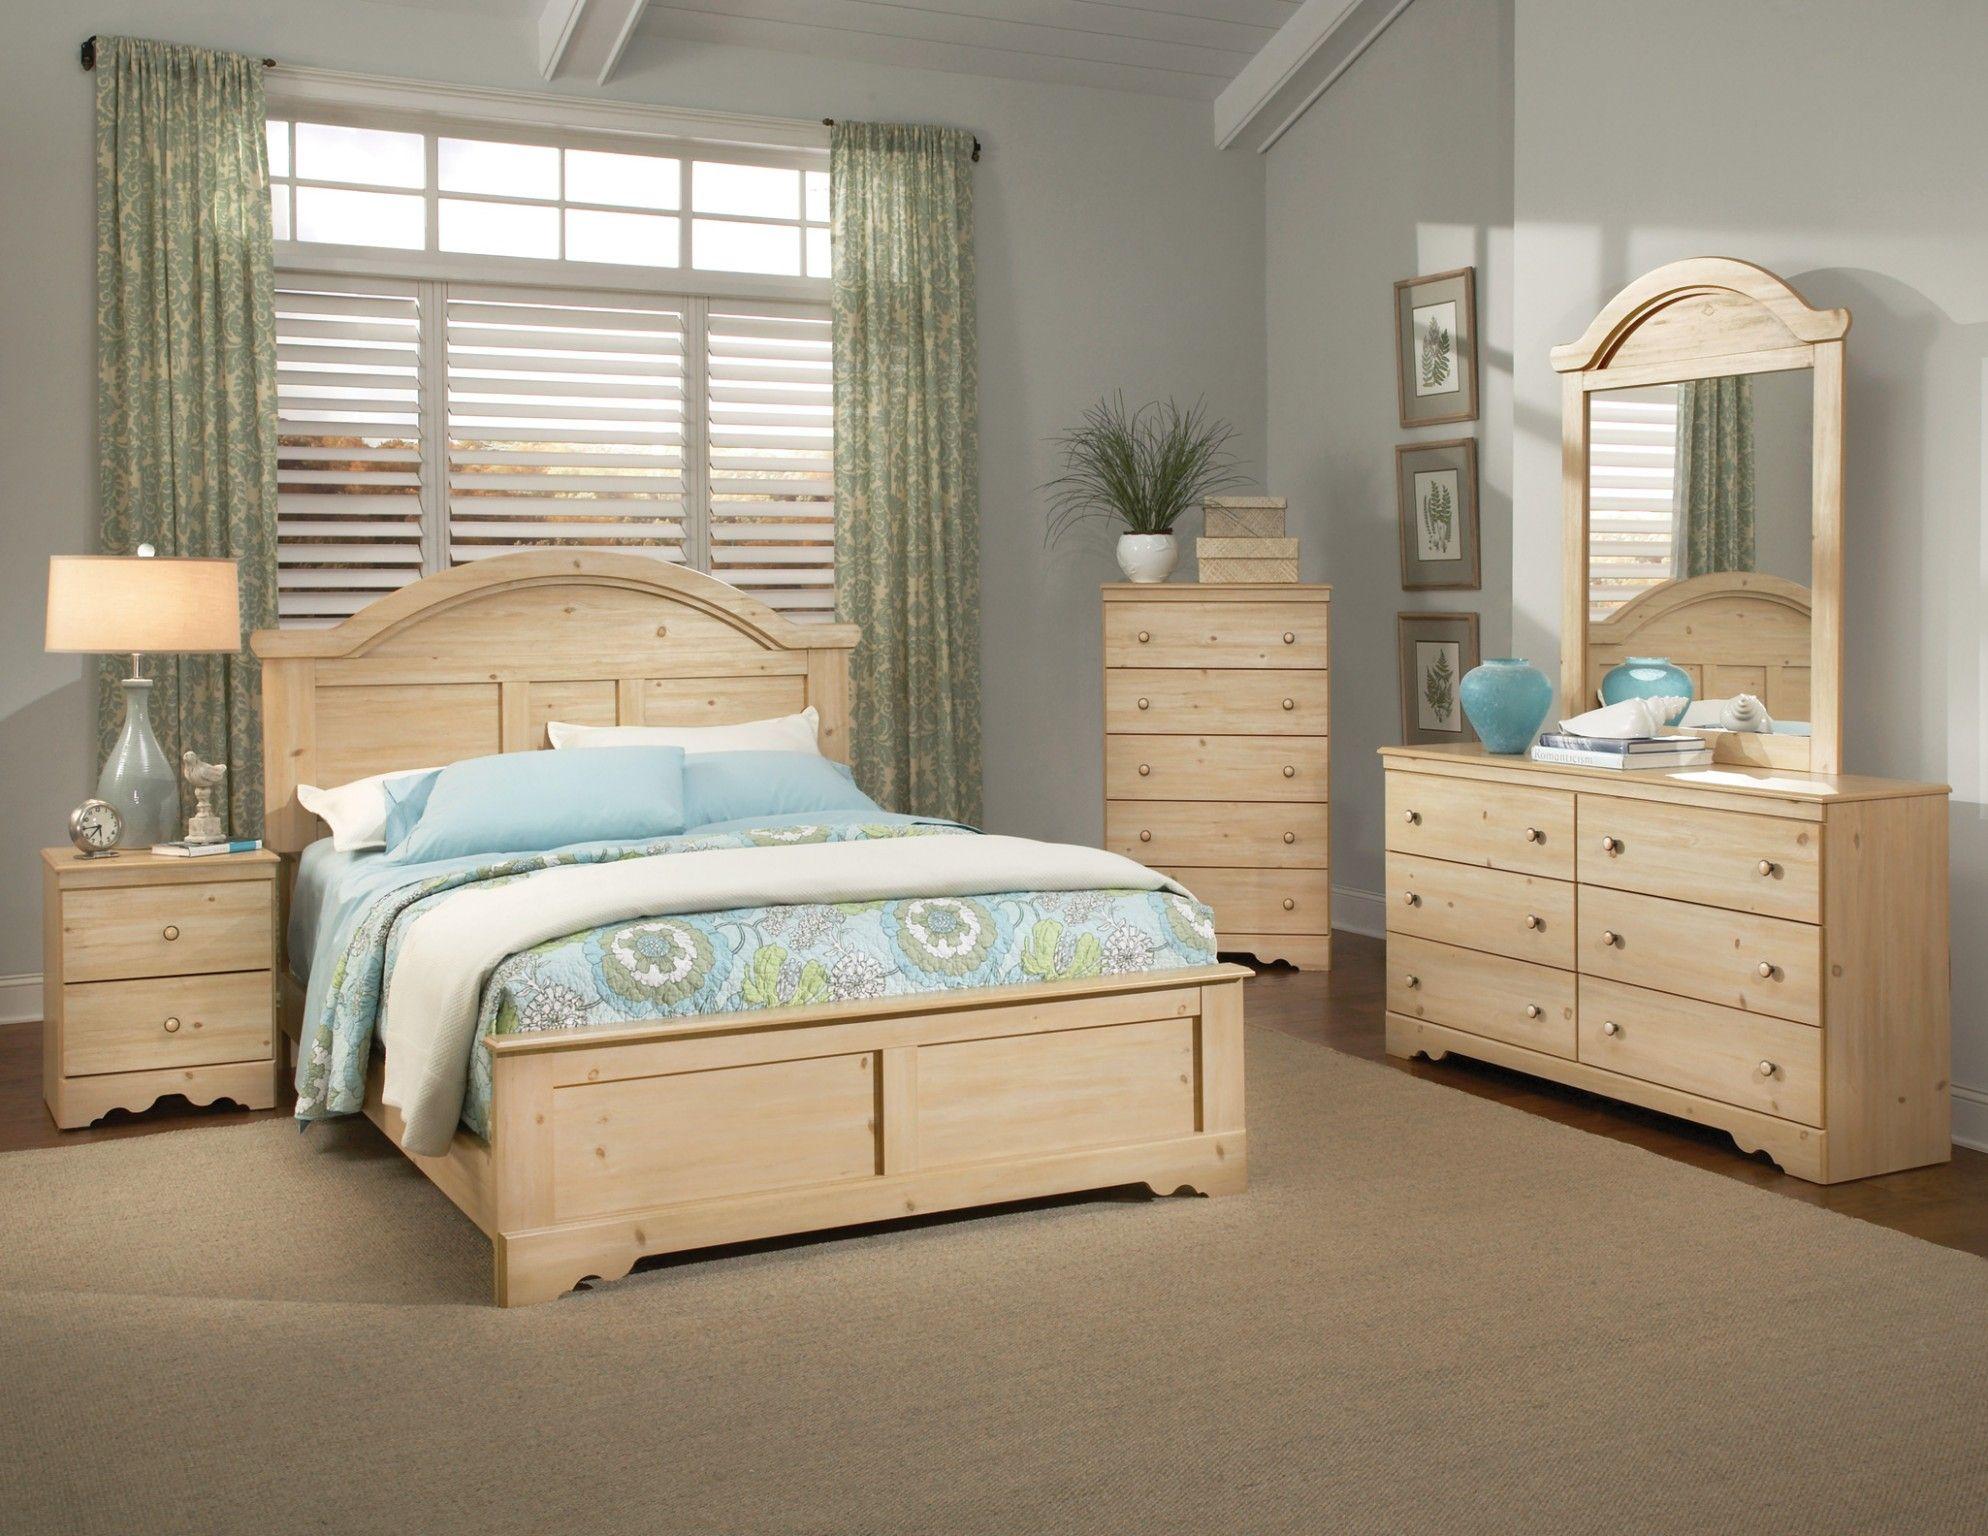 Pine Bedroom Furniture Decorating Ideas Dekorasi Rumah Rumah Dekorasi